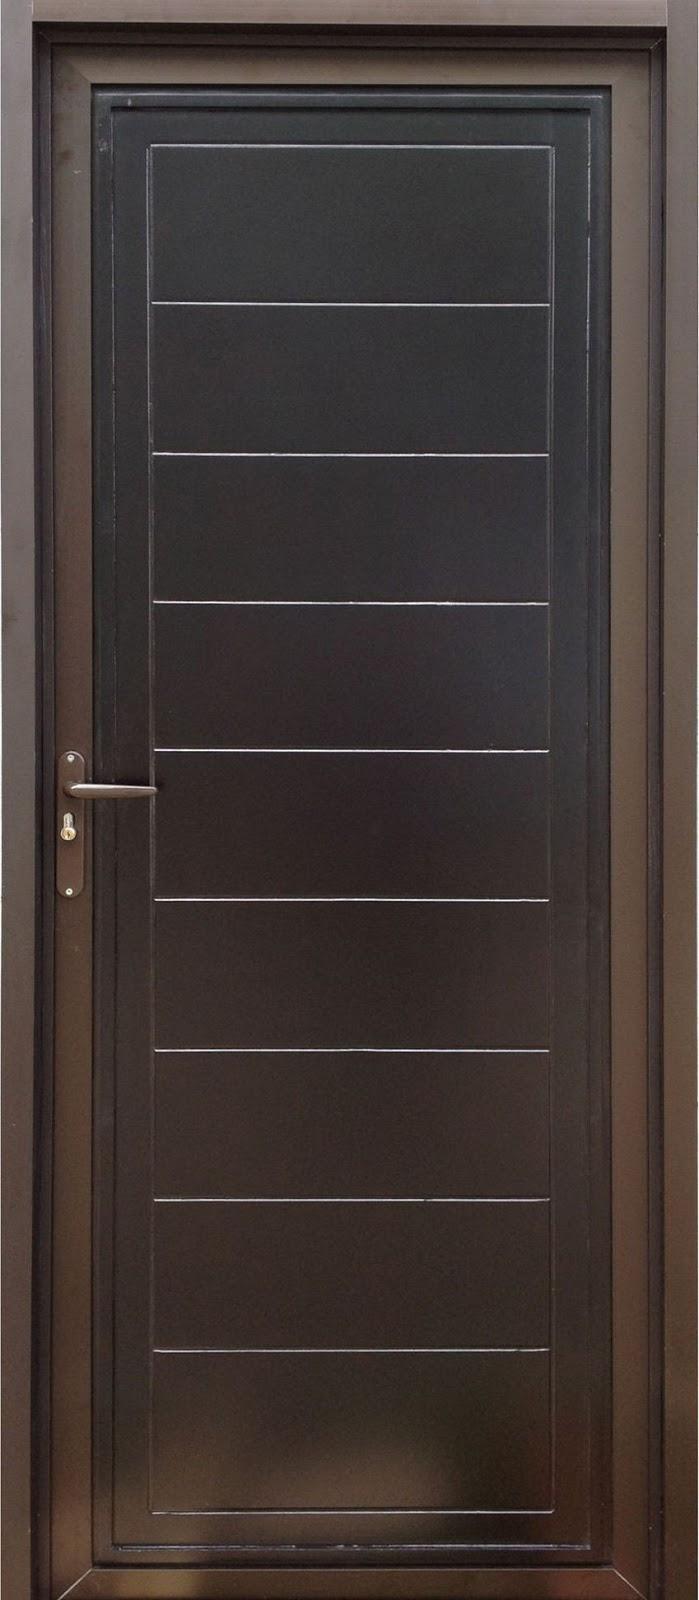 Model Pintu Aluminium Urat Kayu Yang Keren Rumahminimalispro Com